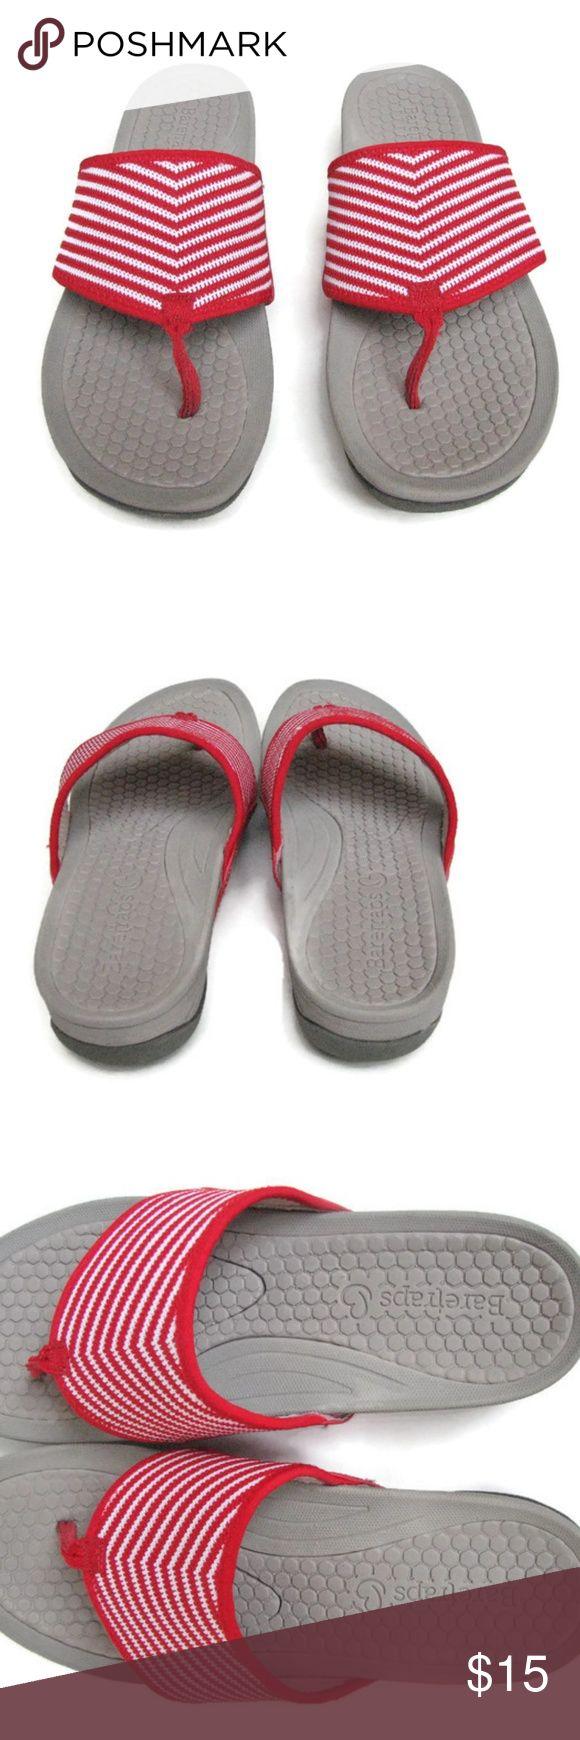 Baretraps Red White Stripe Flip Flops Dasie 8.5M Baretraps Red White Stripe Flip Flops  Fabric uppers, rubber soles Dasie  8.5M Textile upper, balance man made Baretraps Shoes Sandals